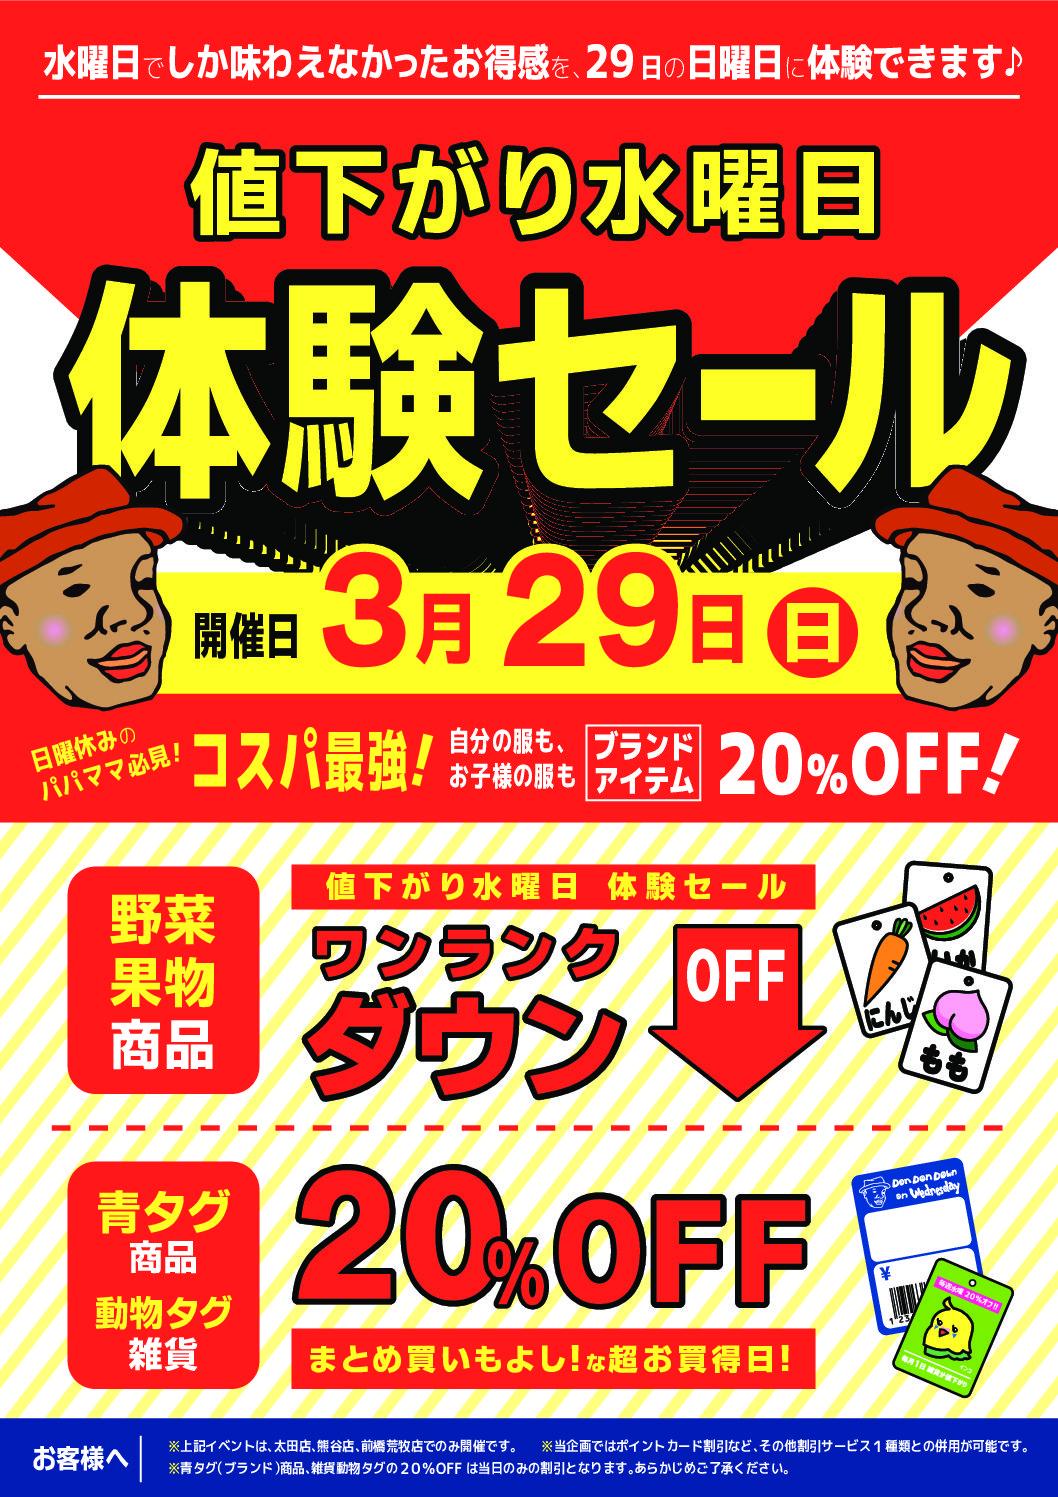 3/29(日)は値下がり水曜体験セール!!